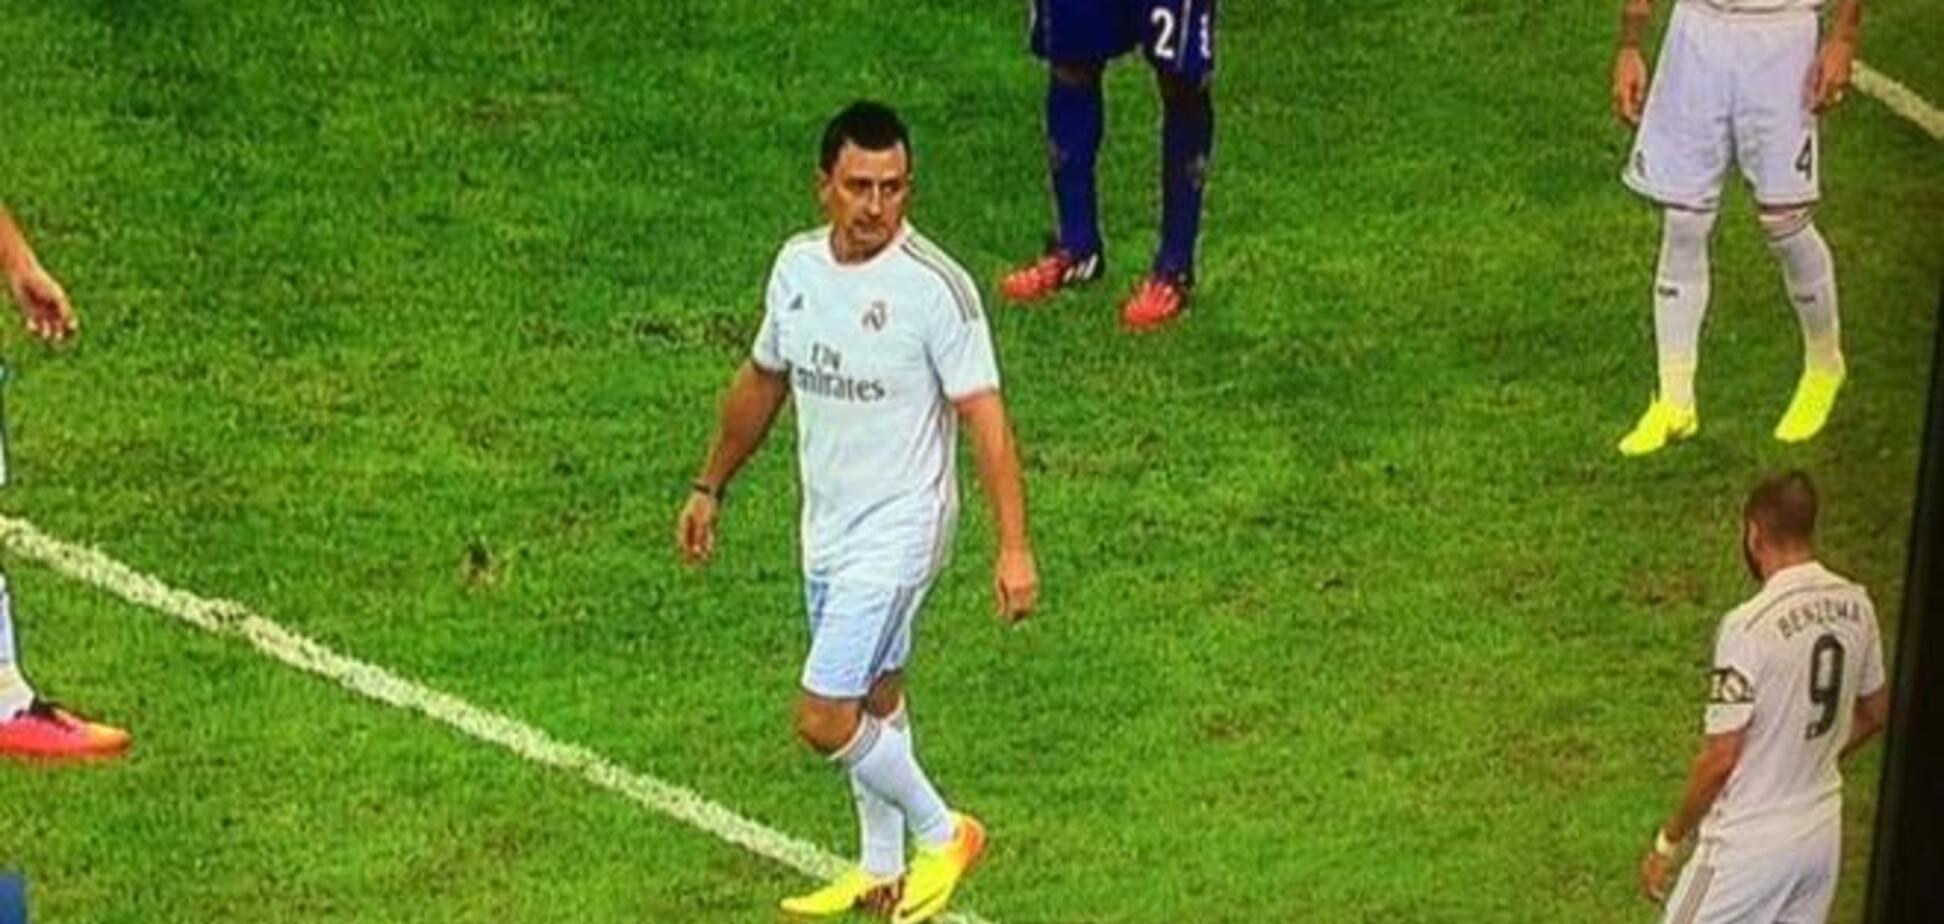 Болельщик 'Реала' выбежал на поле и притворился игроком